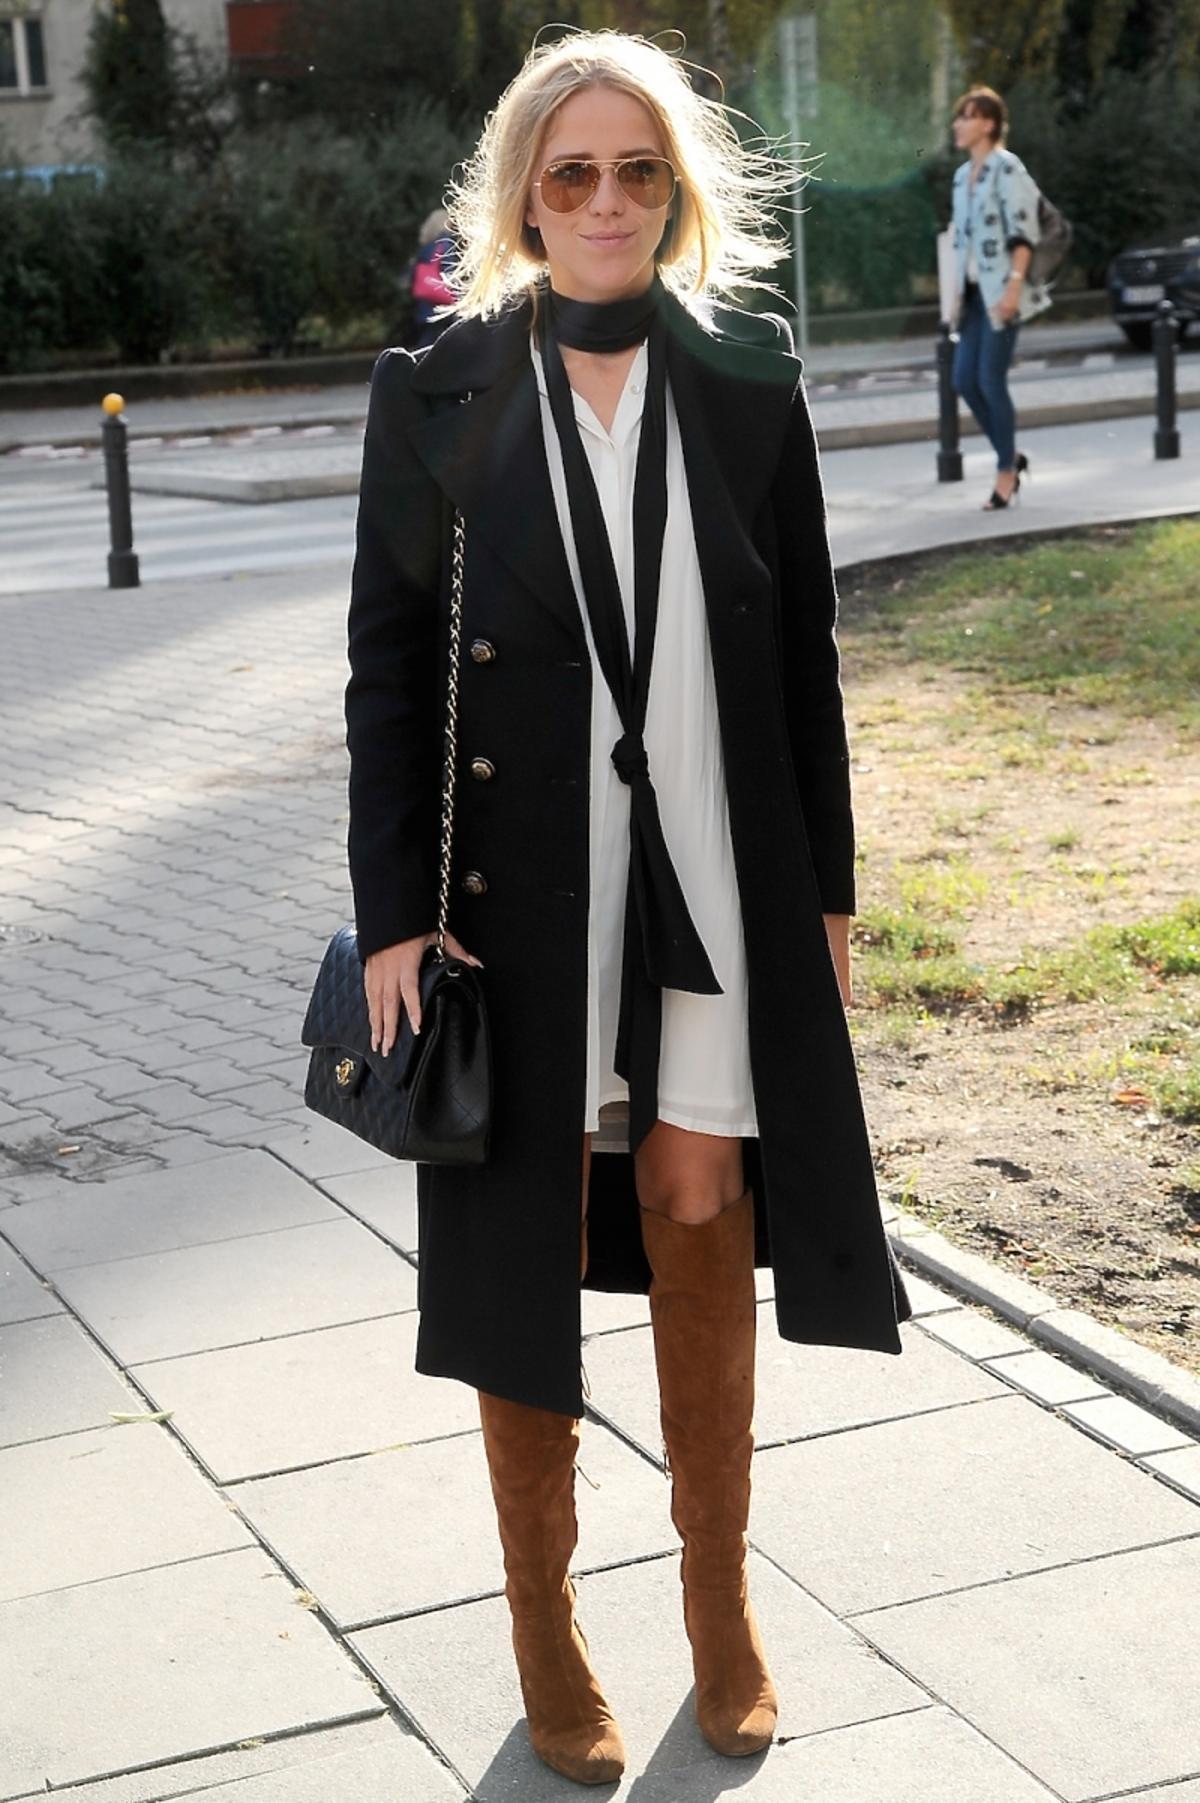 Jessica mercedes w czarnym płaszczu i białej sukience,  brązowych kozakach